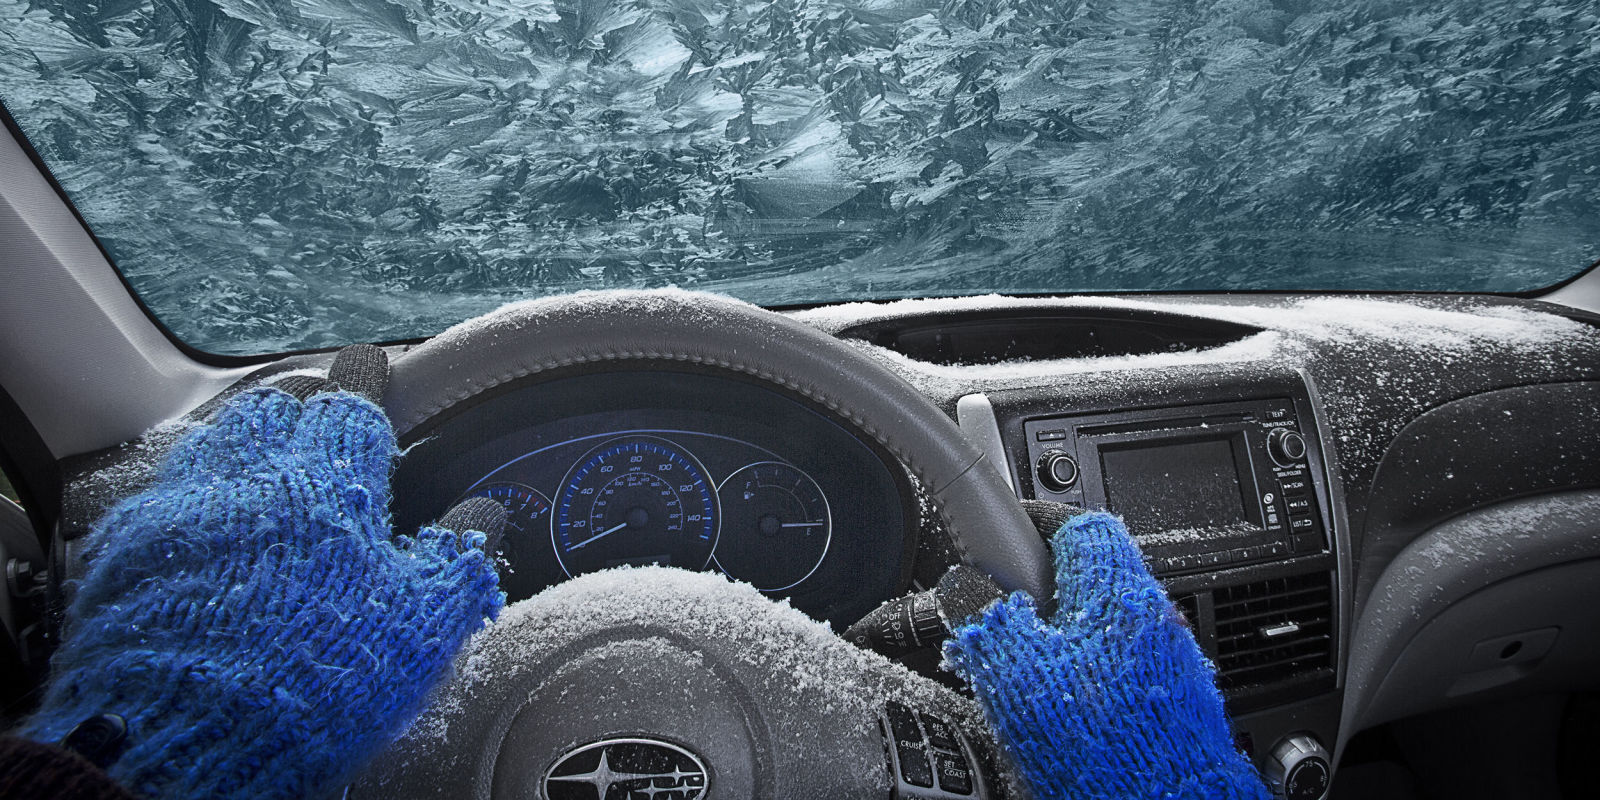 25CF258325CE25BF25CF25852B25CE25B325CE25B925CE25B12B25CF258425CE25BF25CE25BD2B25CF258725CE25B525CE25B925CE25BC25CF258E25CE25BD25CE25B1 Πώς να προετοιμάσεις το αυτοκίνητό σου για τον χειμώνα zblog, αυτοκίνητο, οδήγηση, ΣΥΜΒΟΥΛΕΣ, χειμώνας